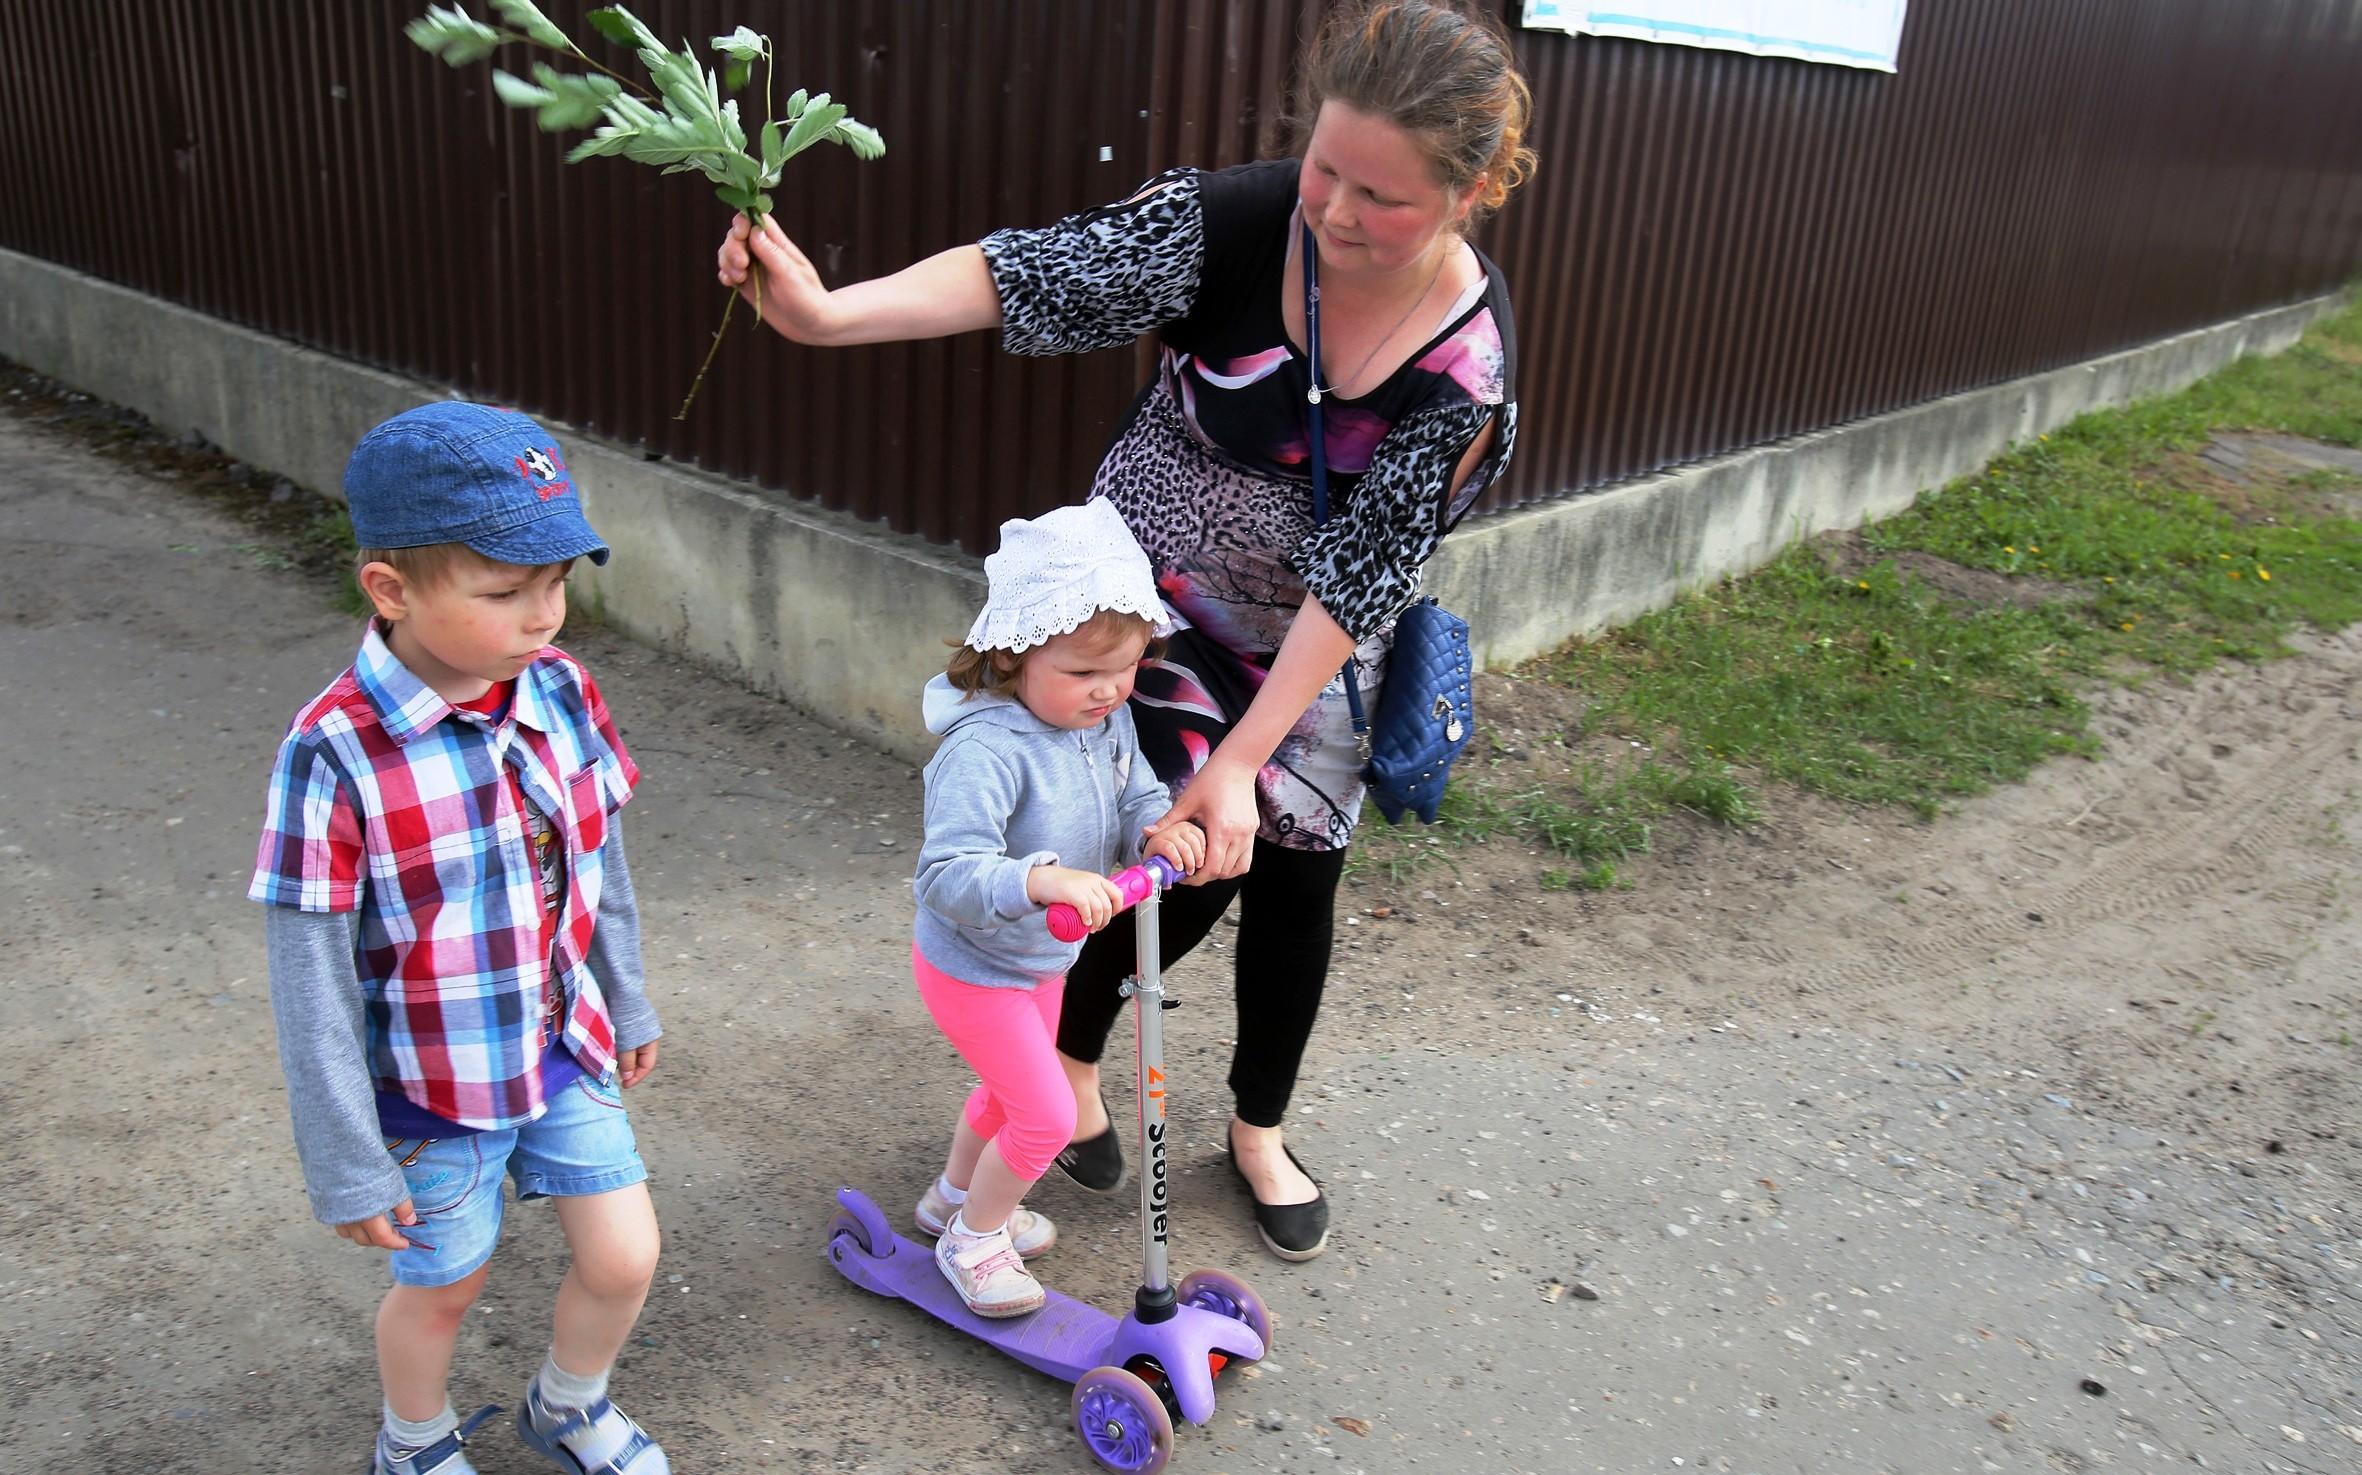 14 детей в Воронежской области пострадали из-за нашествия комаров